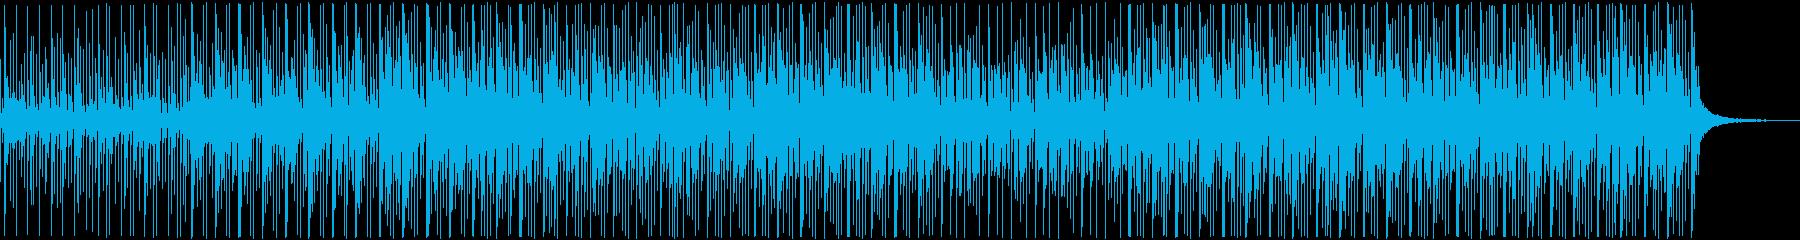 生命の息吹、オーガニックなテクスチャーの再生済みの波形